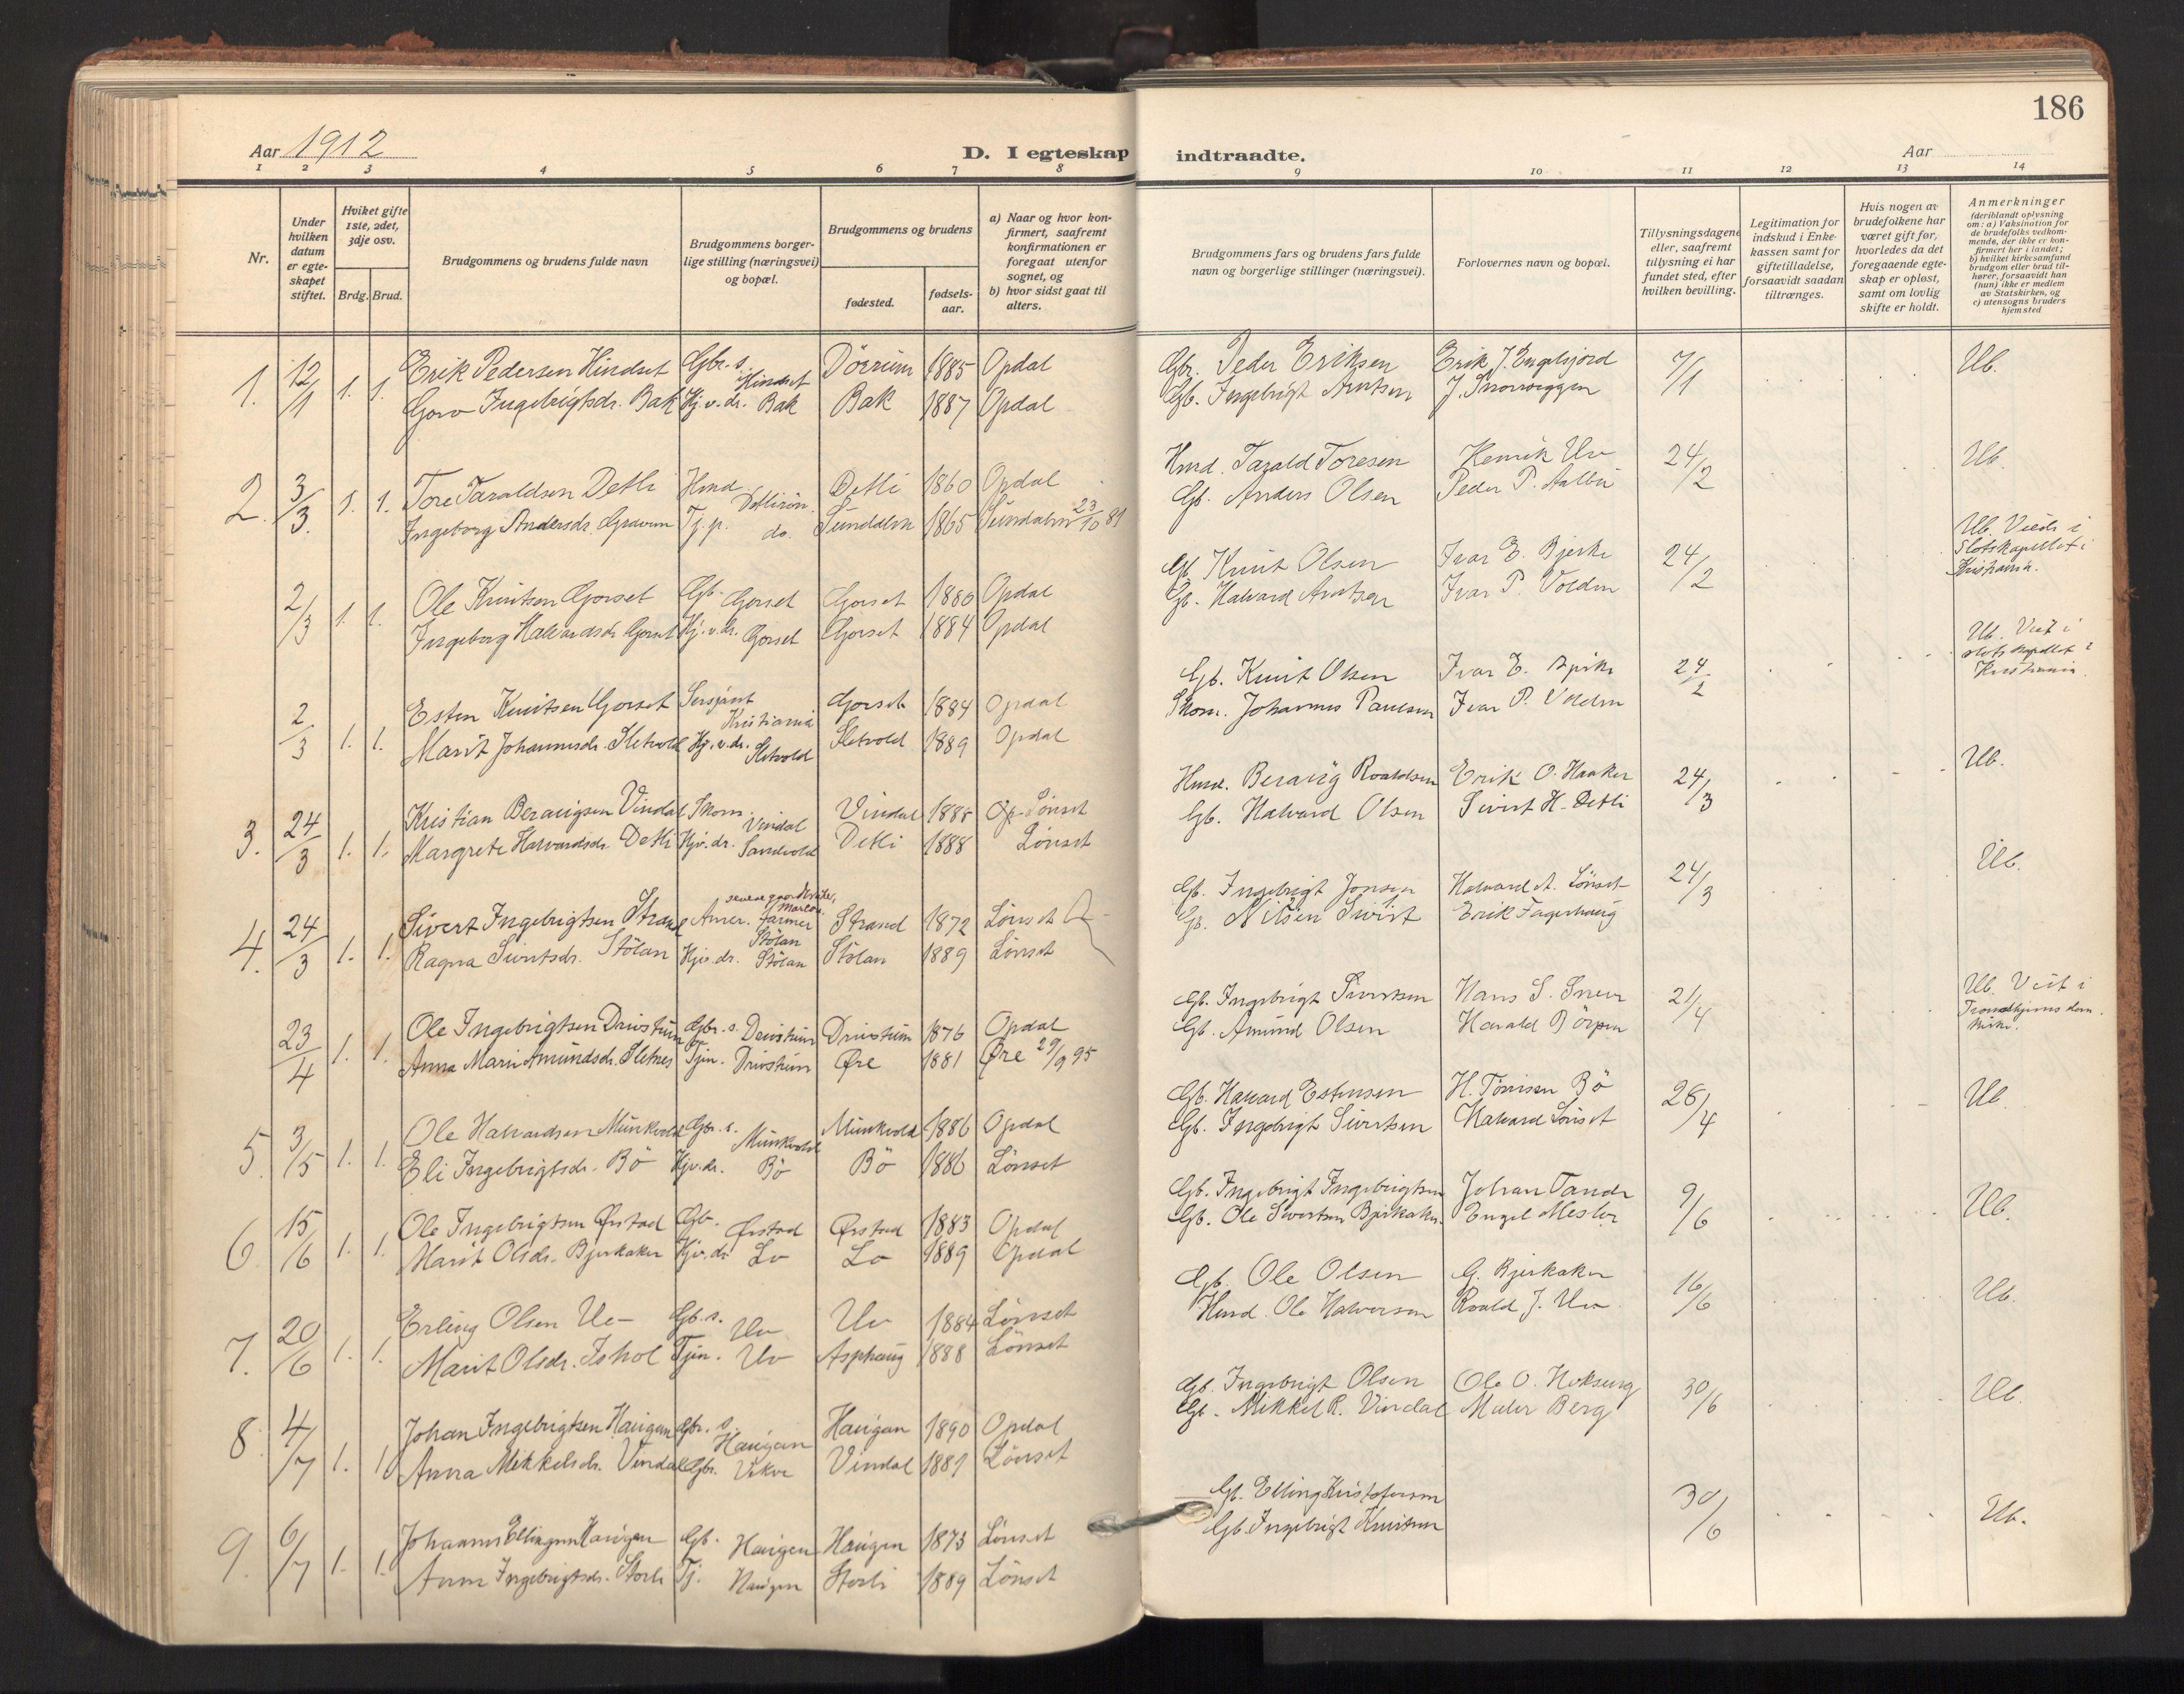 SAT, Ministerialprotokoller, klokkerbøker og fødselsregistre - Sør-Trøndelag, 678/L0909: Ministerialbok nr. 678A17, 1912-1930, s. 186